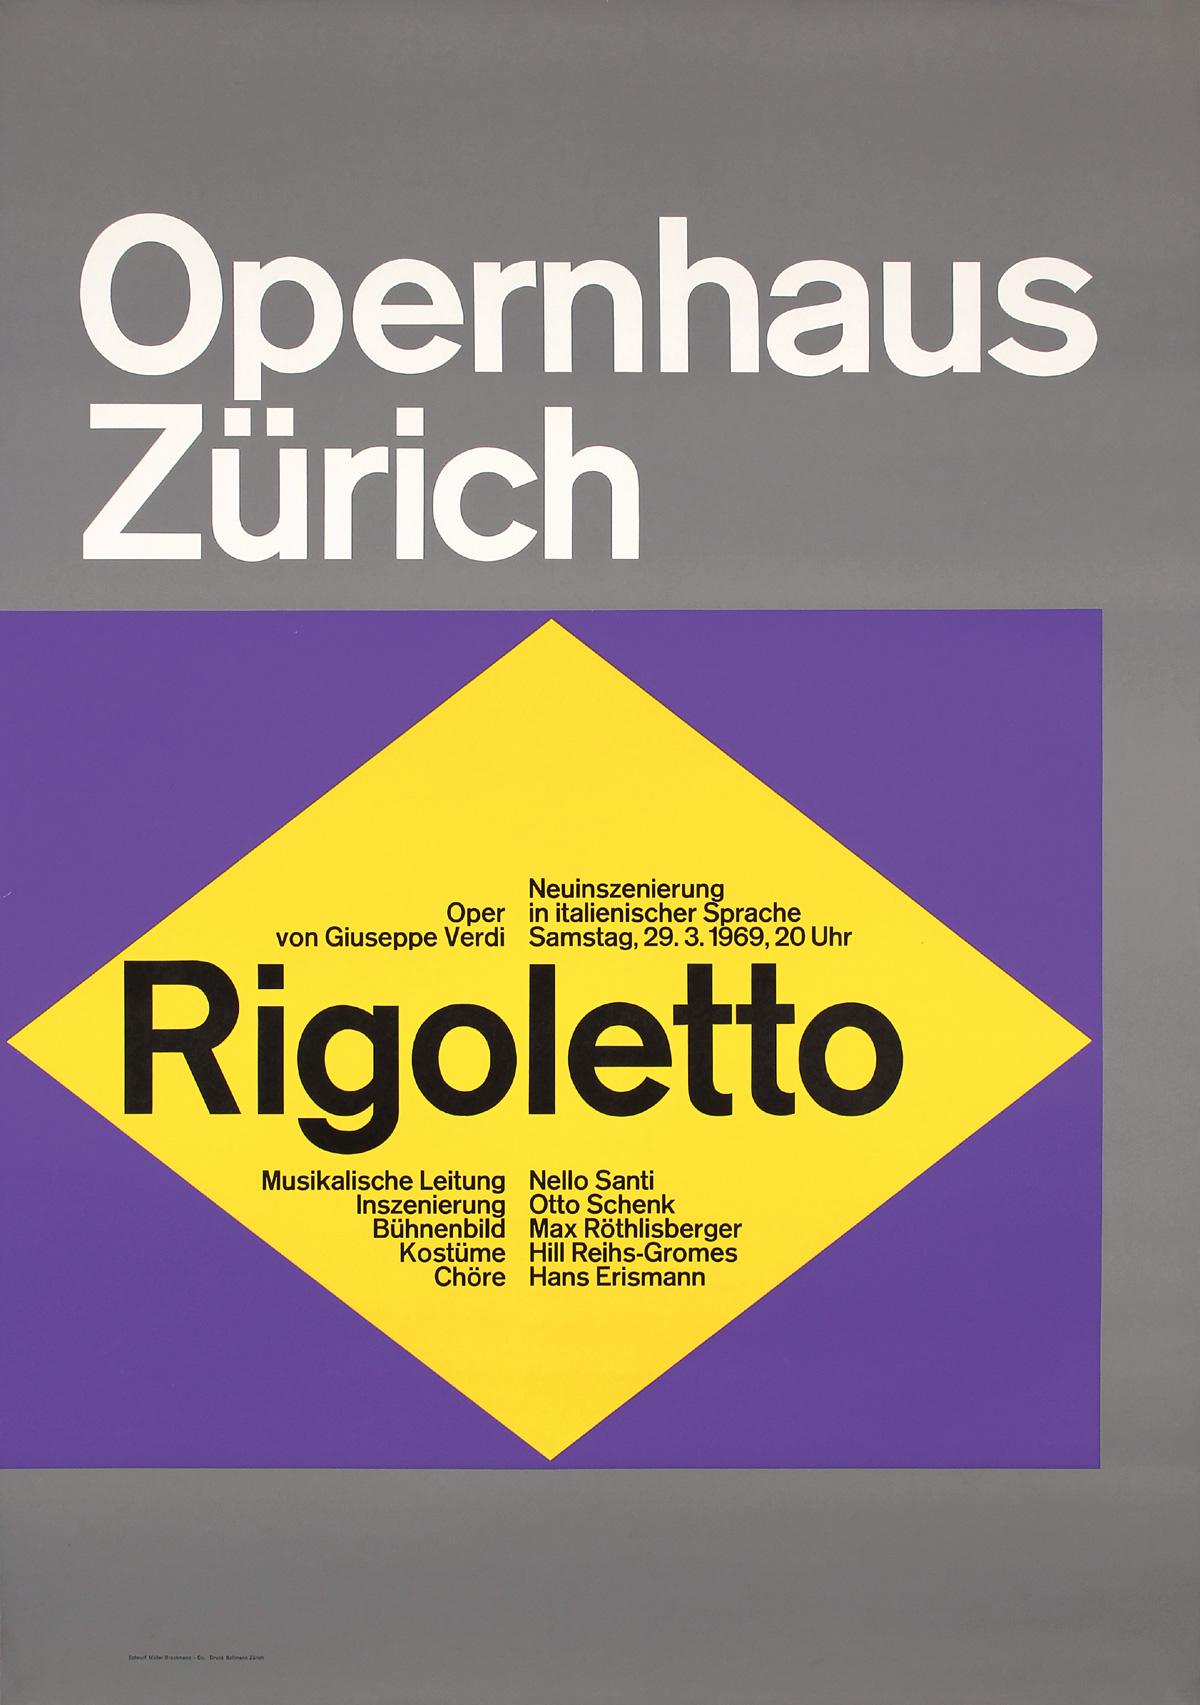 Opernhaus Zürich – Rigoletto